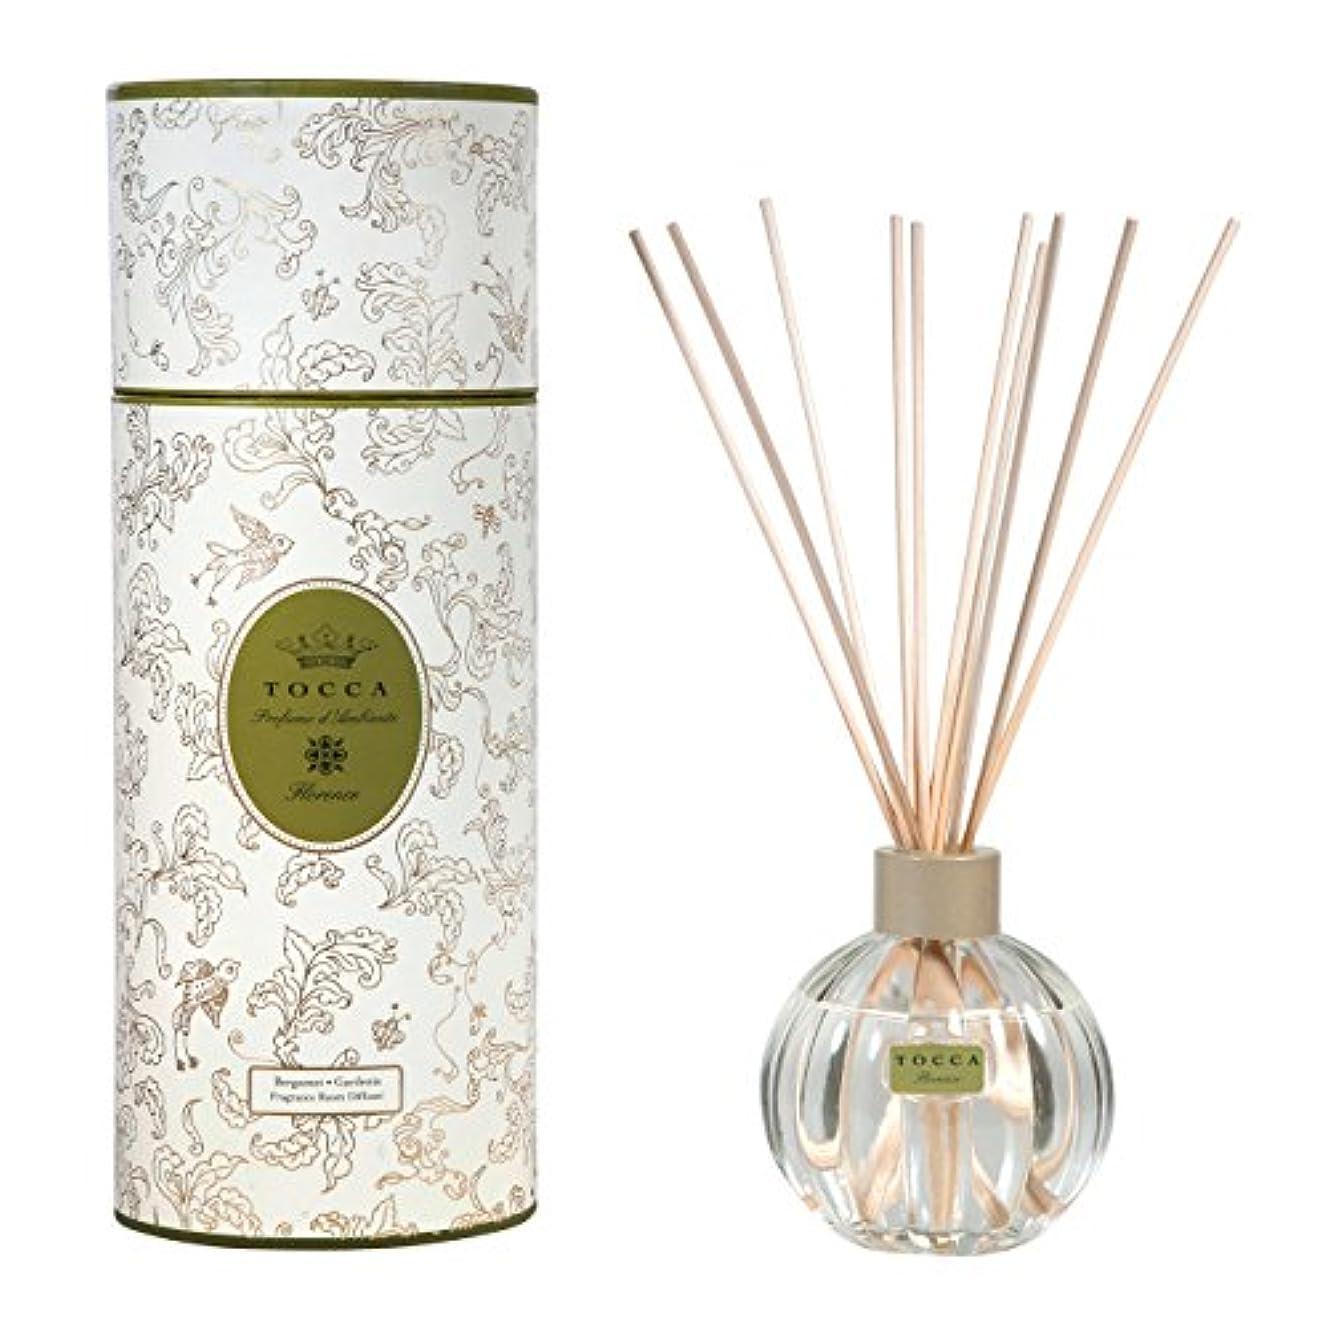 恩恵トランジスタ副詞トッカ(TOCCA) リードディフューザー フローレンスの香り 175ml 3~4ヶ月持続(芳香剤 ルームフレグランス ガーデニアとベルガモットが誘うように溶け合うどこまでも上品なフローラルの香り)